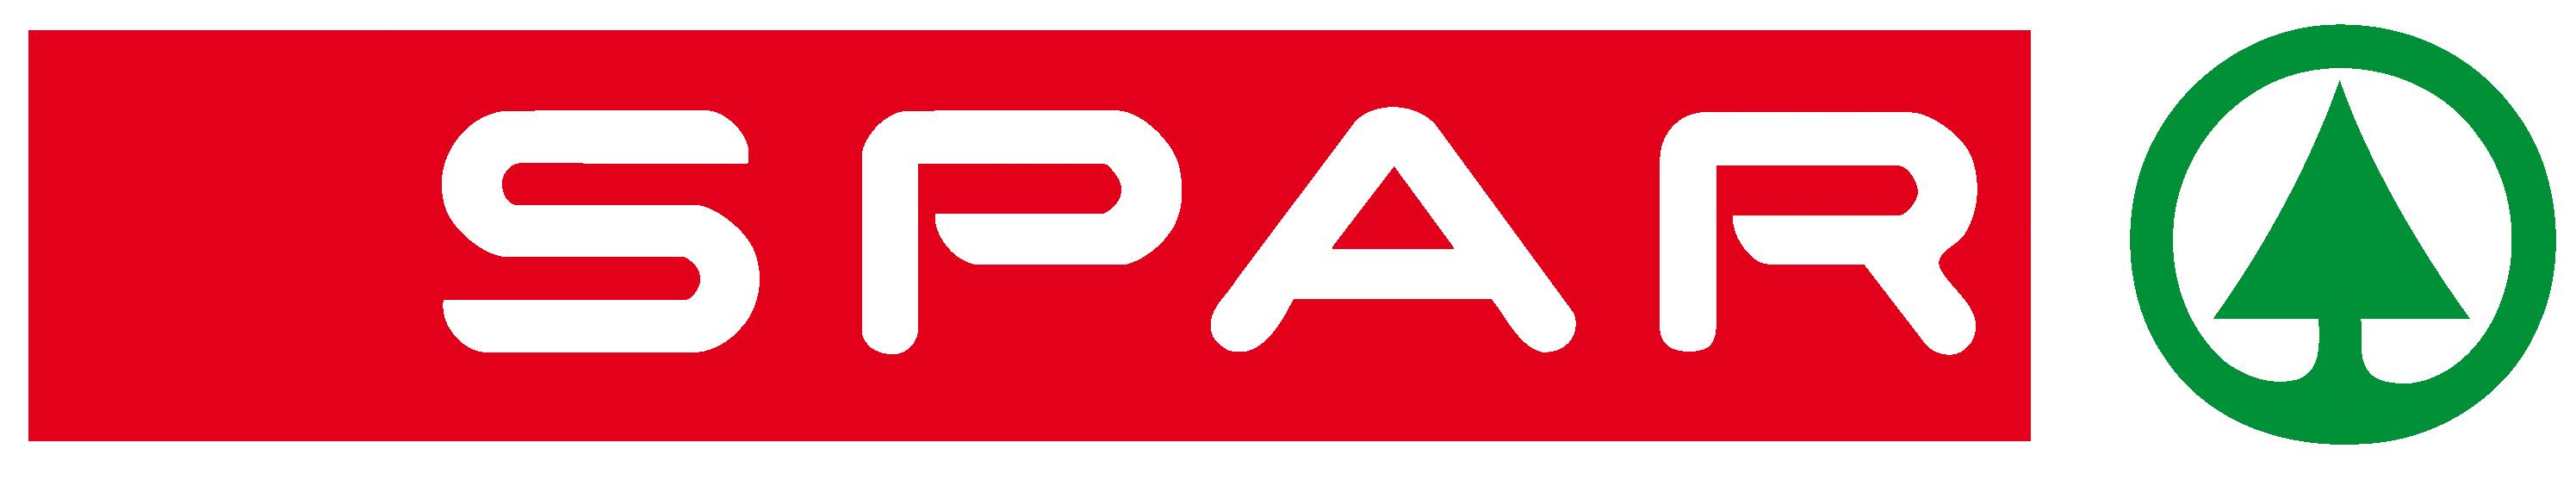 Сеть супермаркетов SPAR в г. Нижний-Новгород